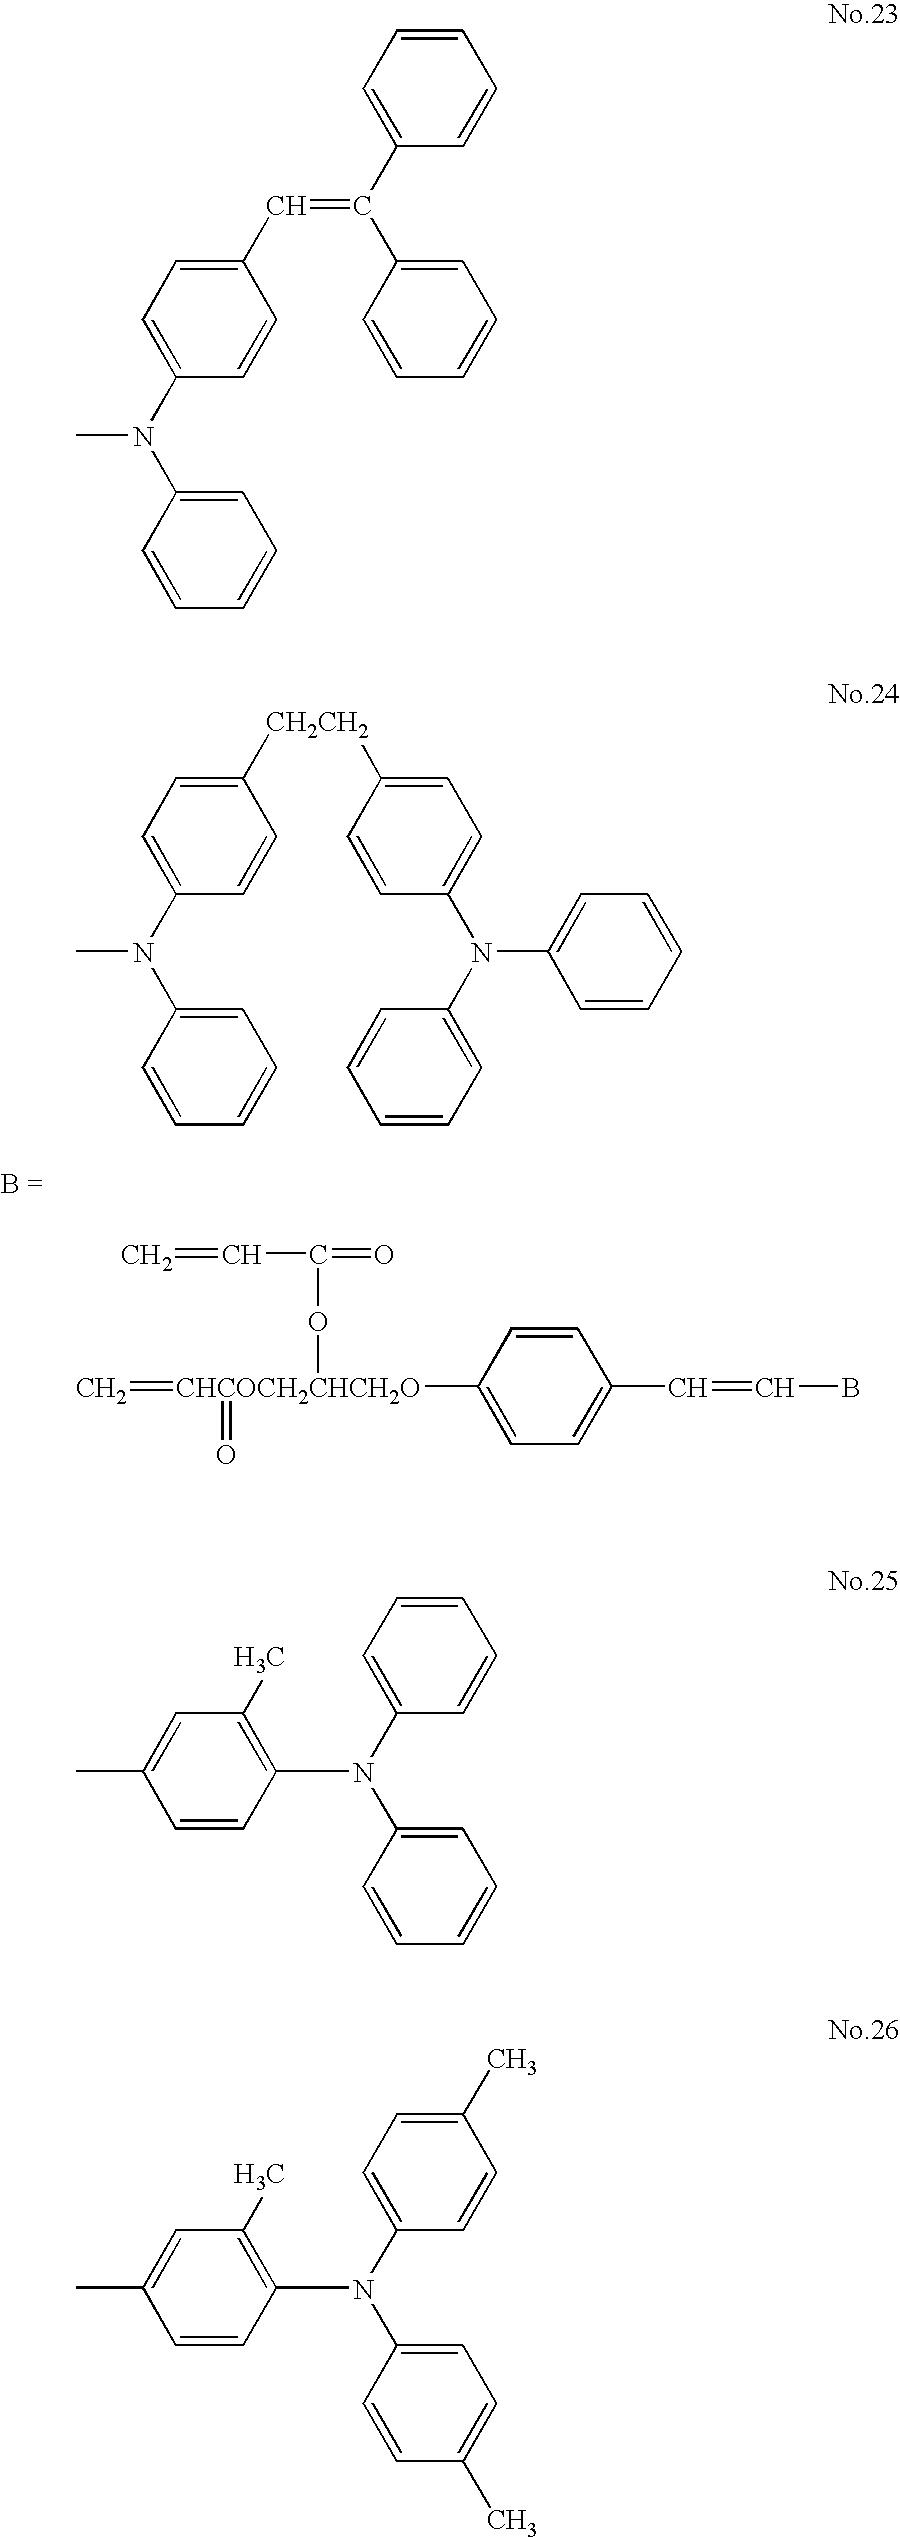 Figure US07629094-20091208-C00021